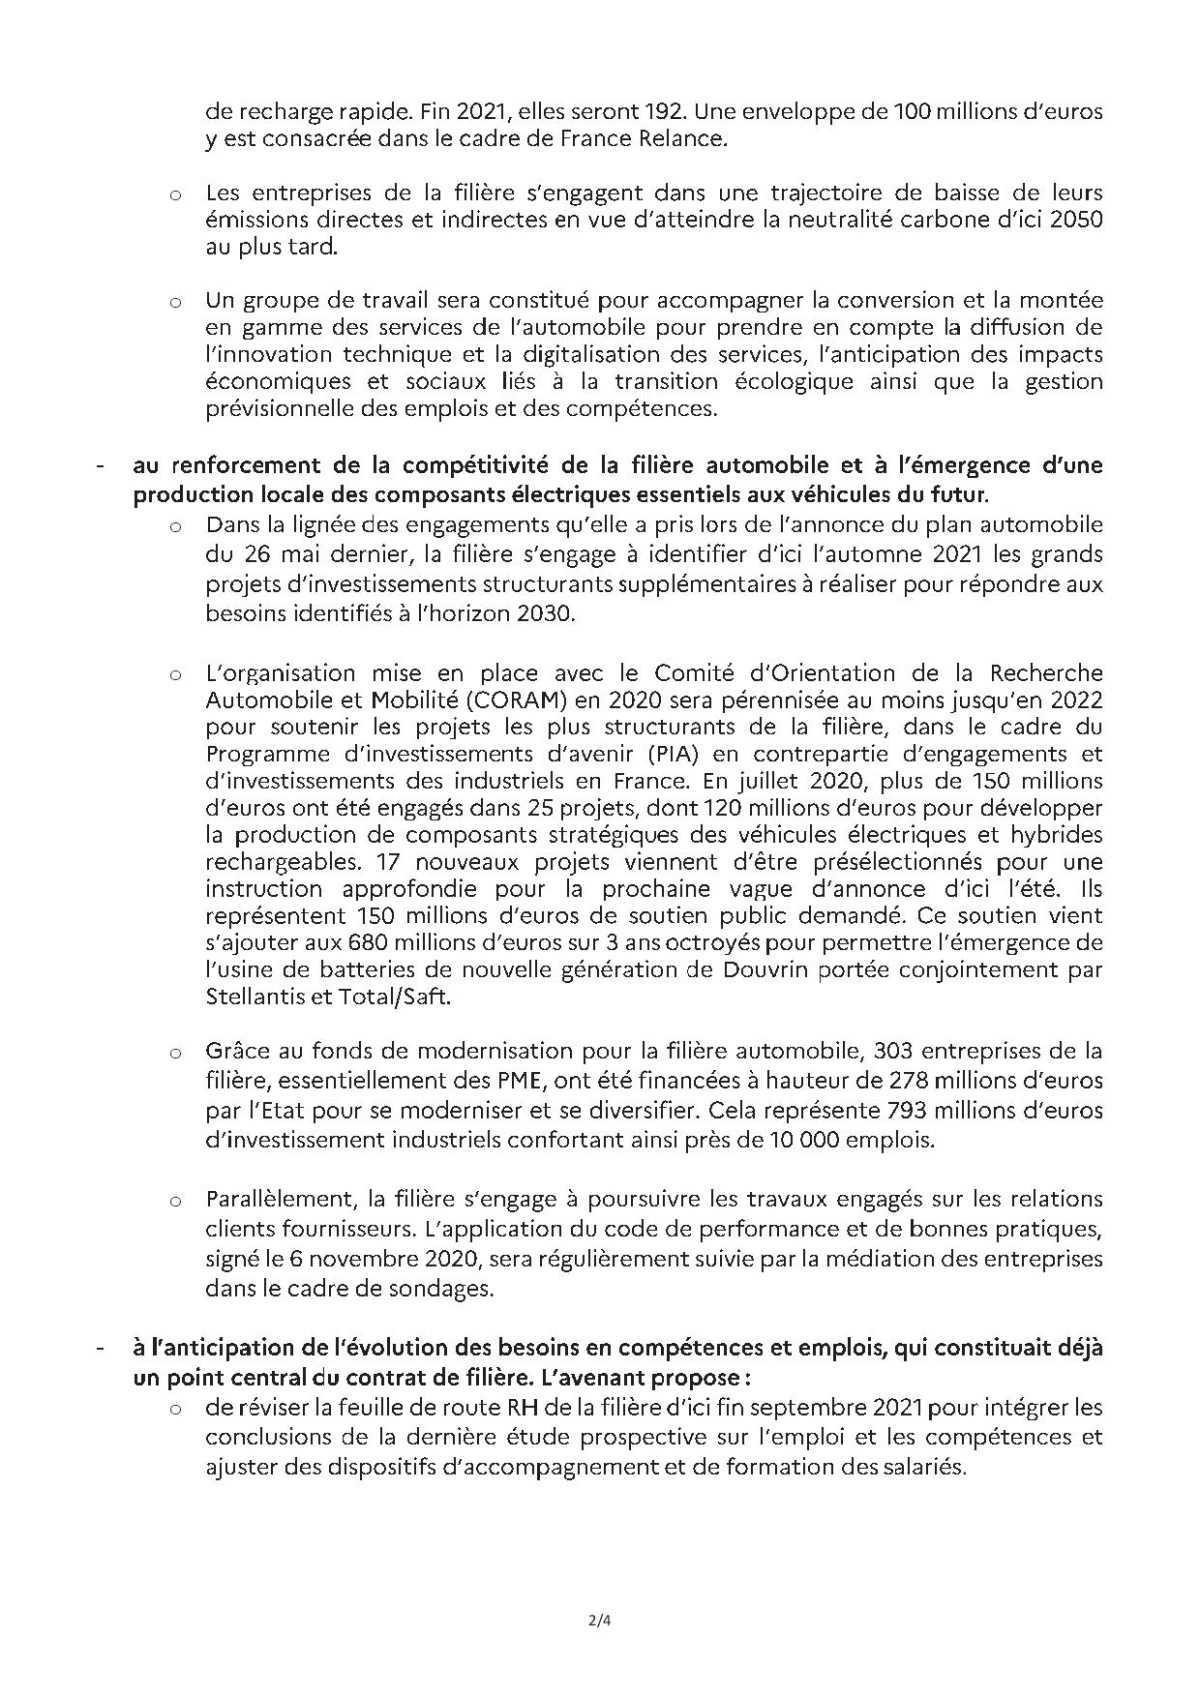 Communiqué de presse de Bercy sur le plan d'action des fonderies.